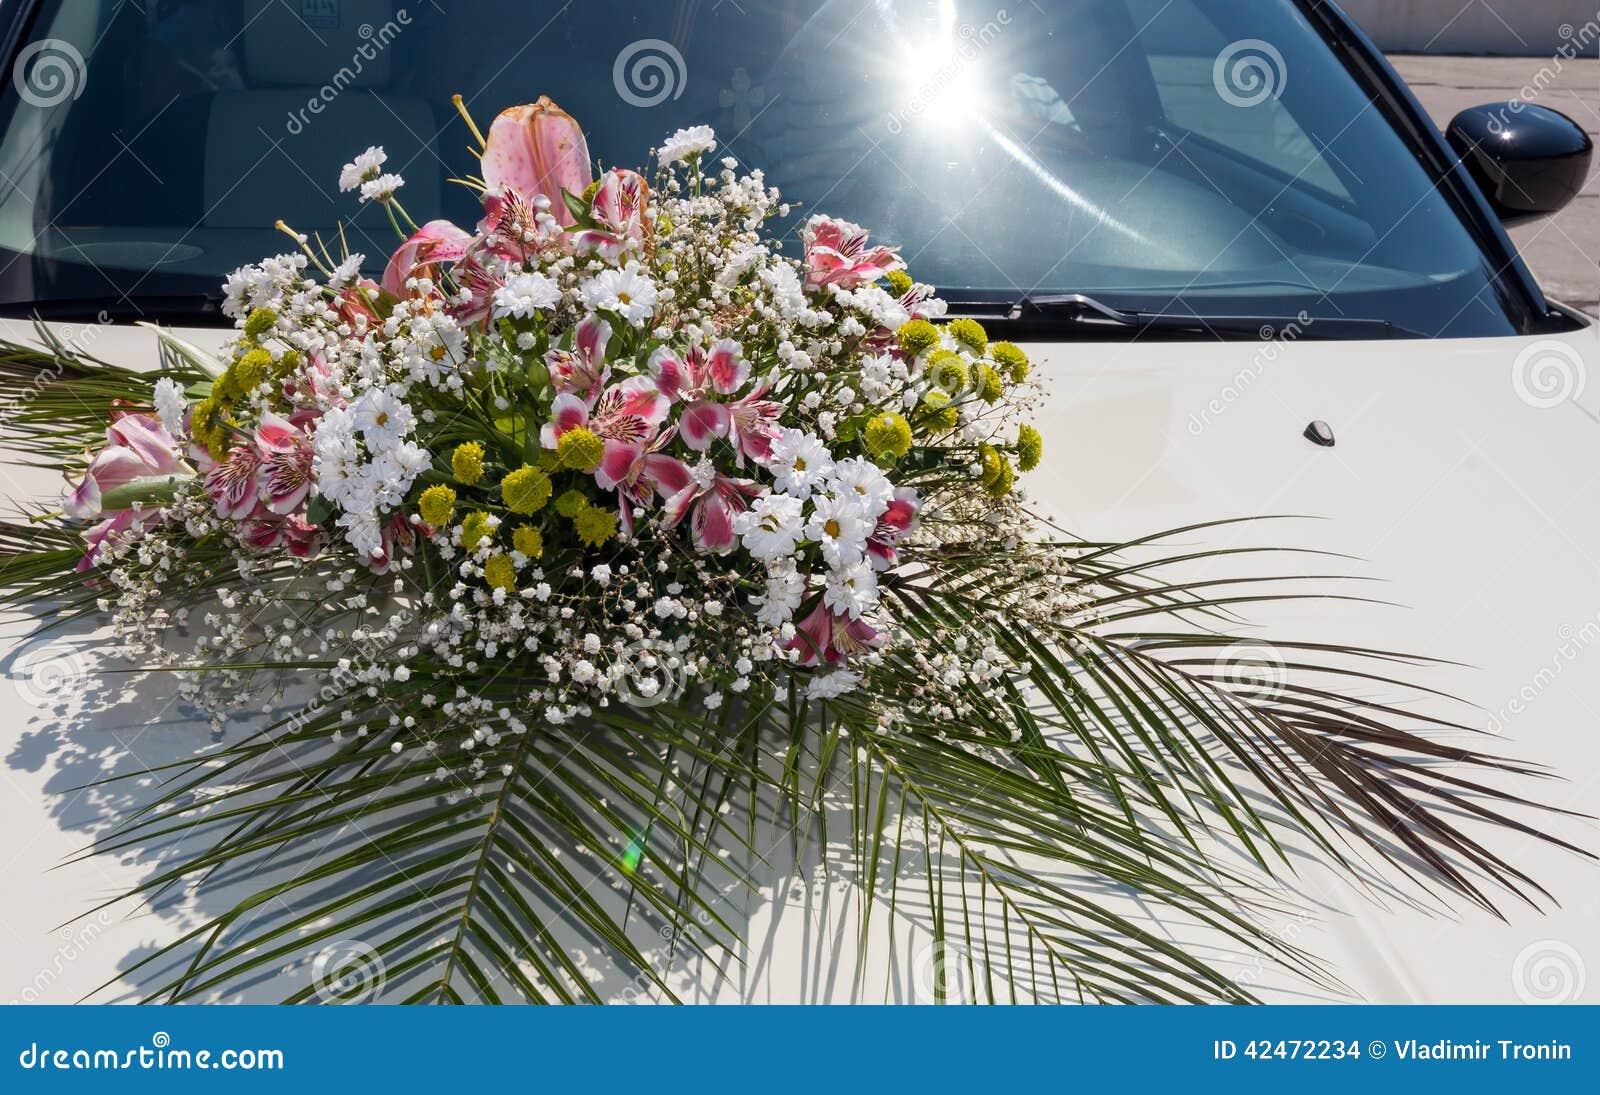 Hochzeit Cortege, liefert den Bräutigam und die Braut an die Hochzeitssite